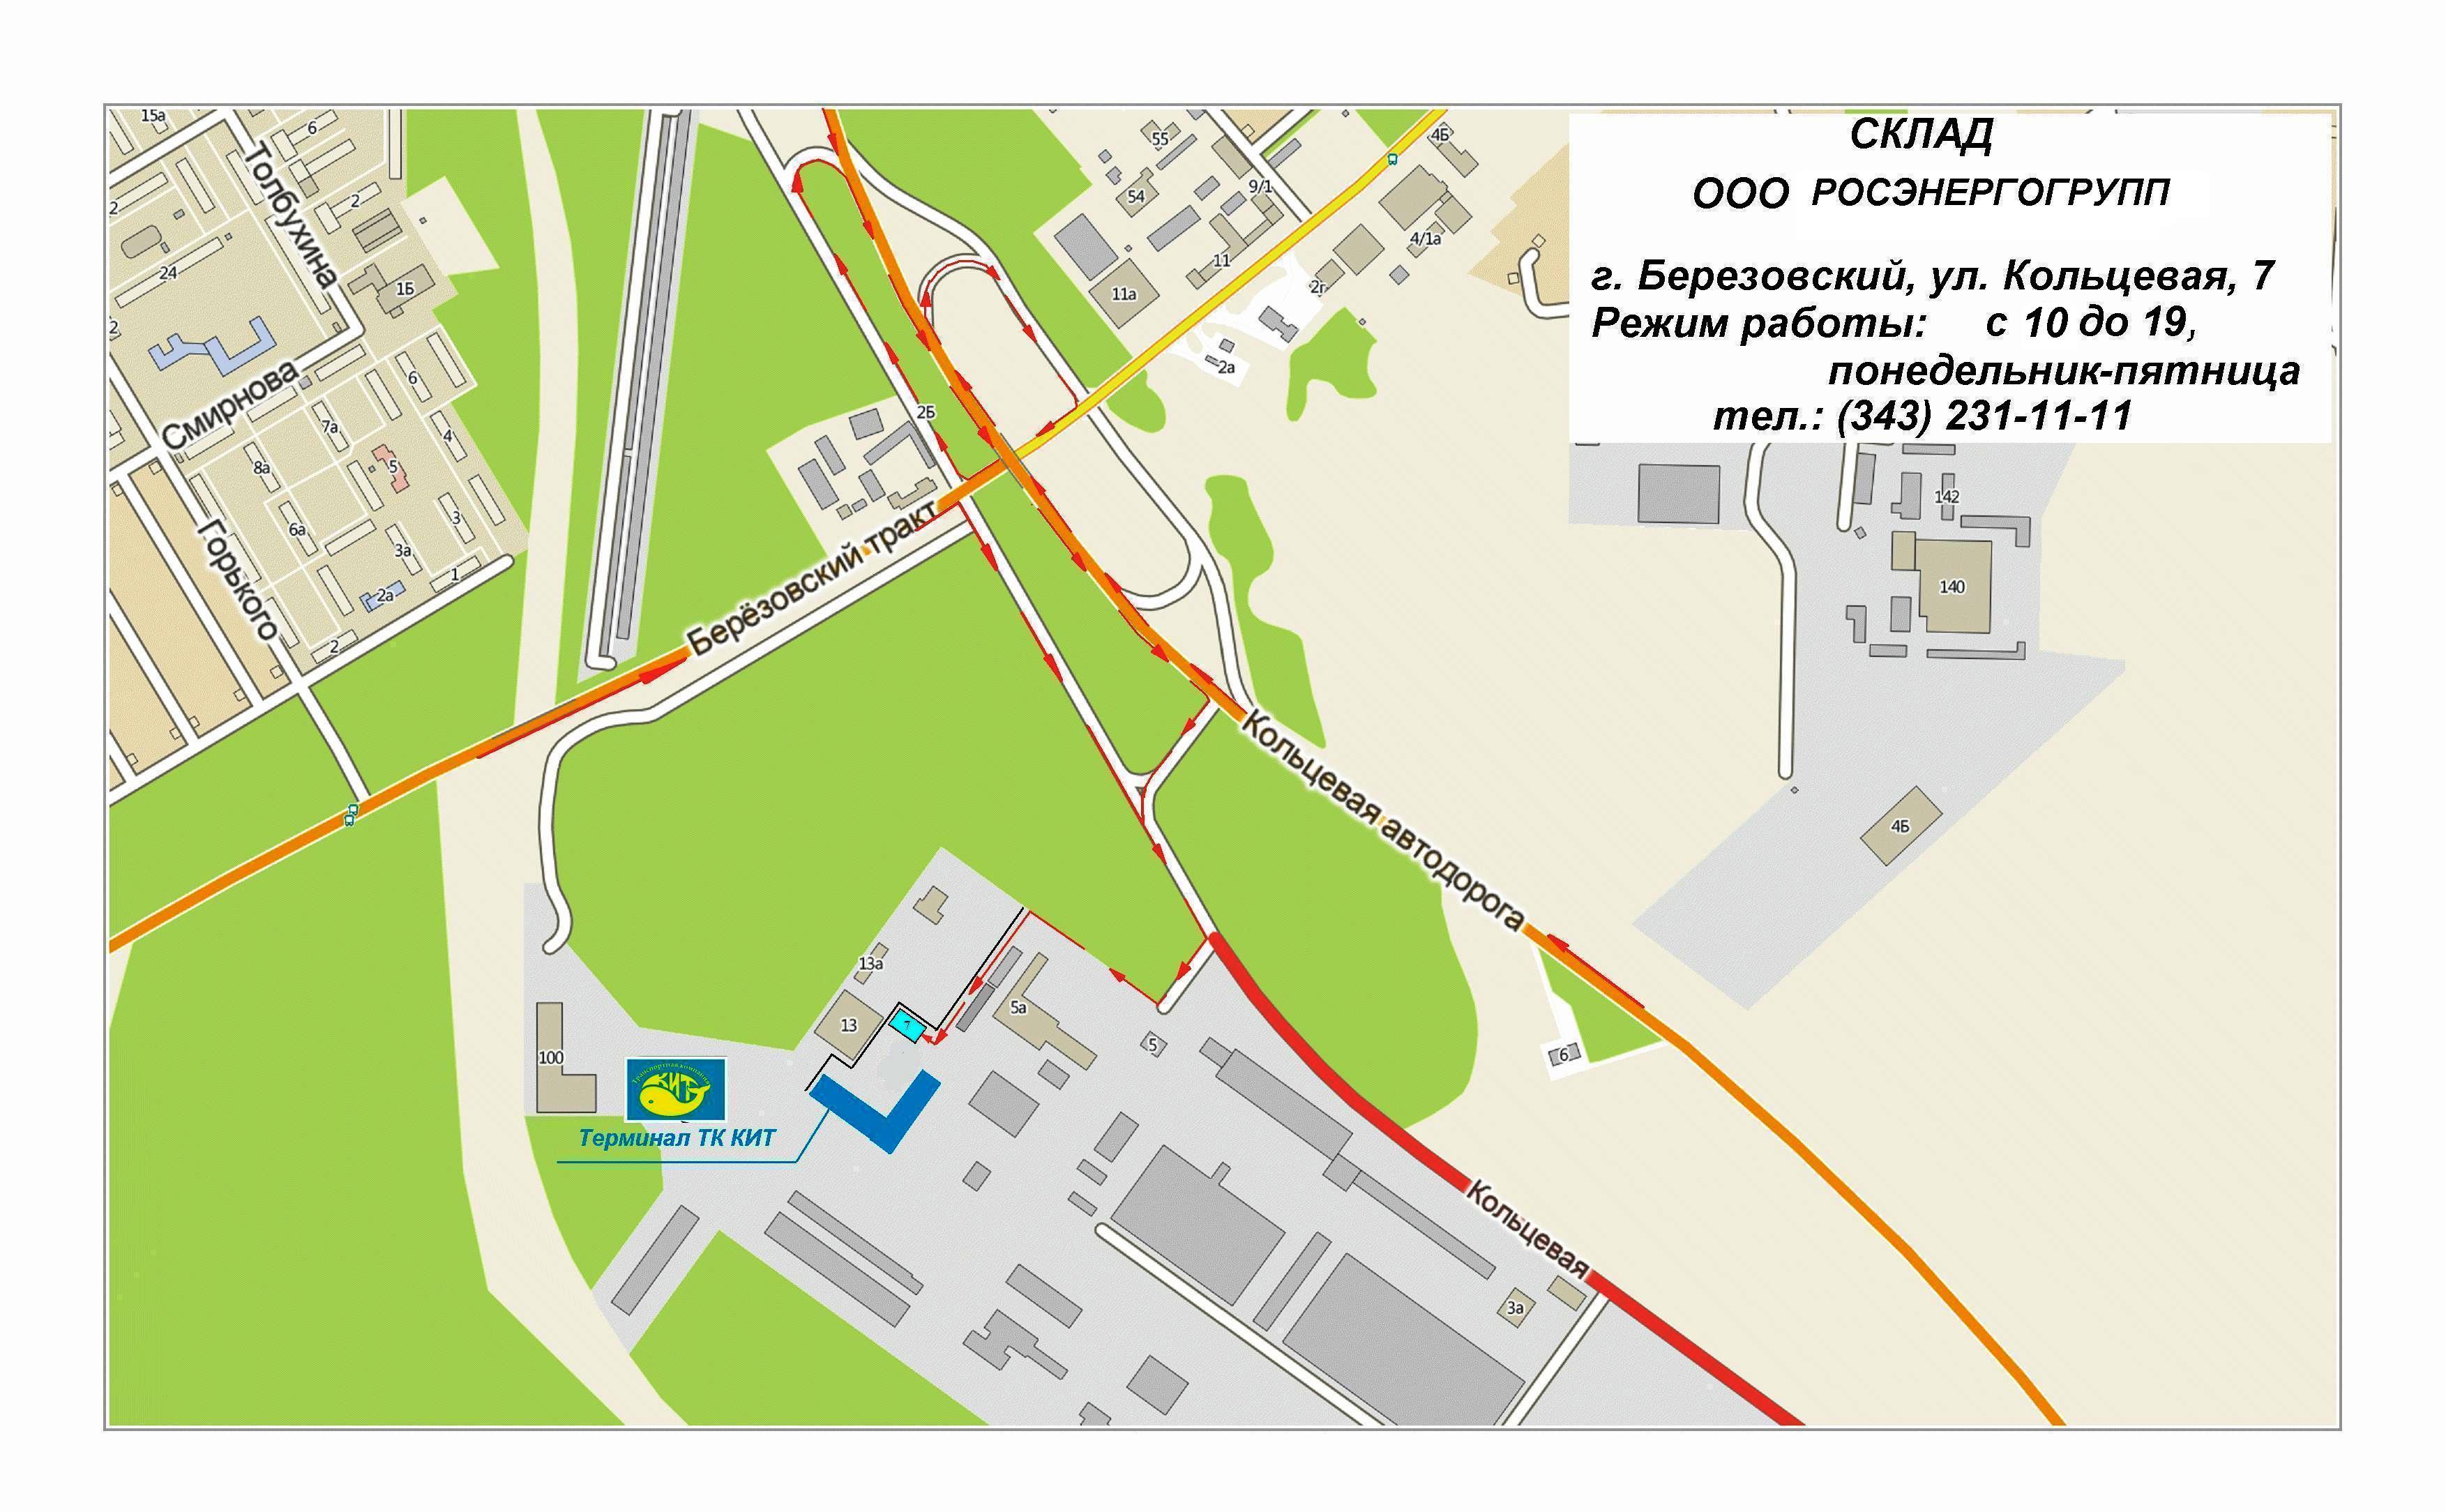 Схема проезда на склад Росэнергогрупп в Екатеринбурге